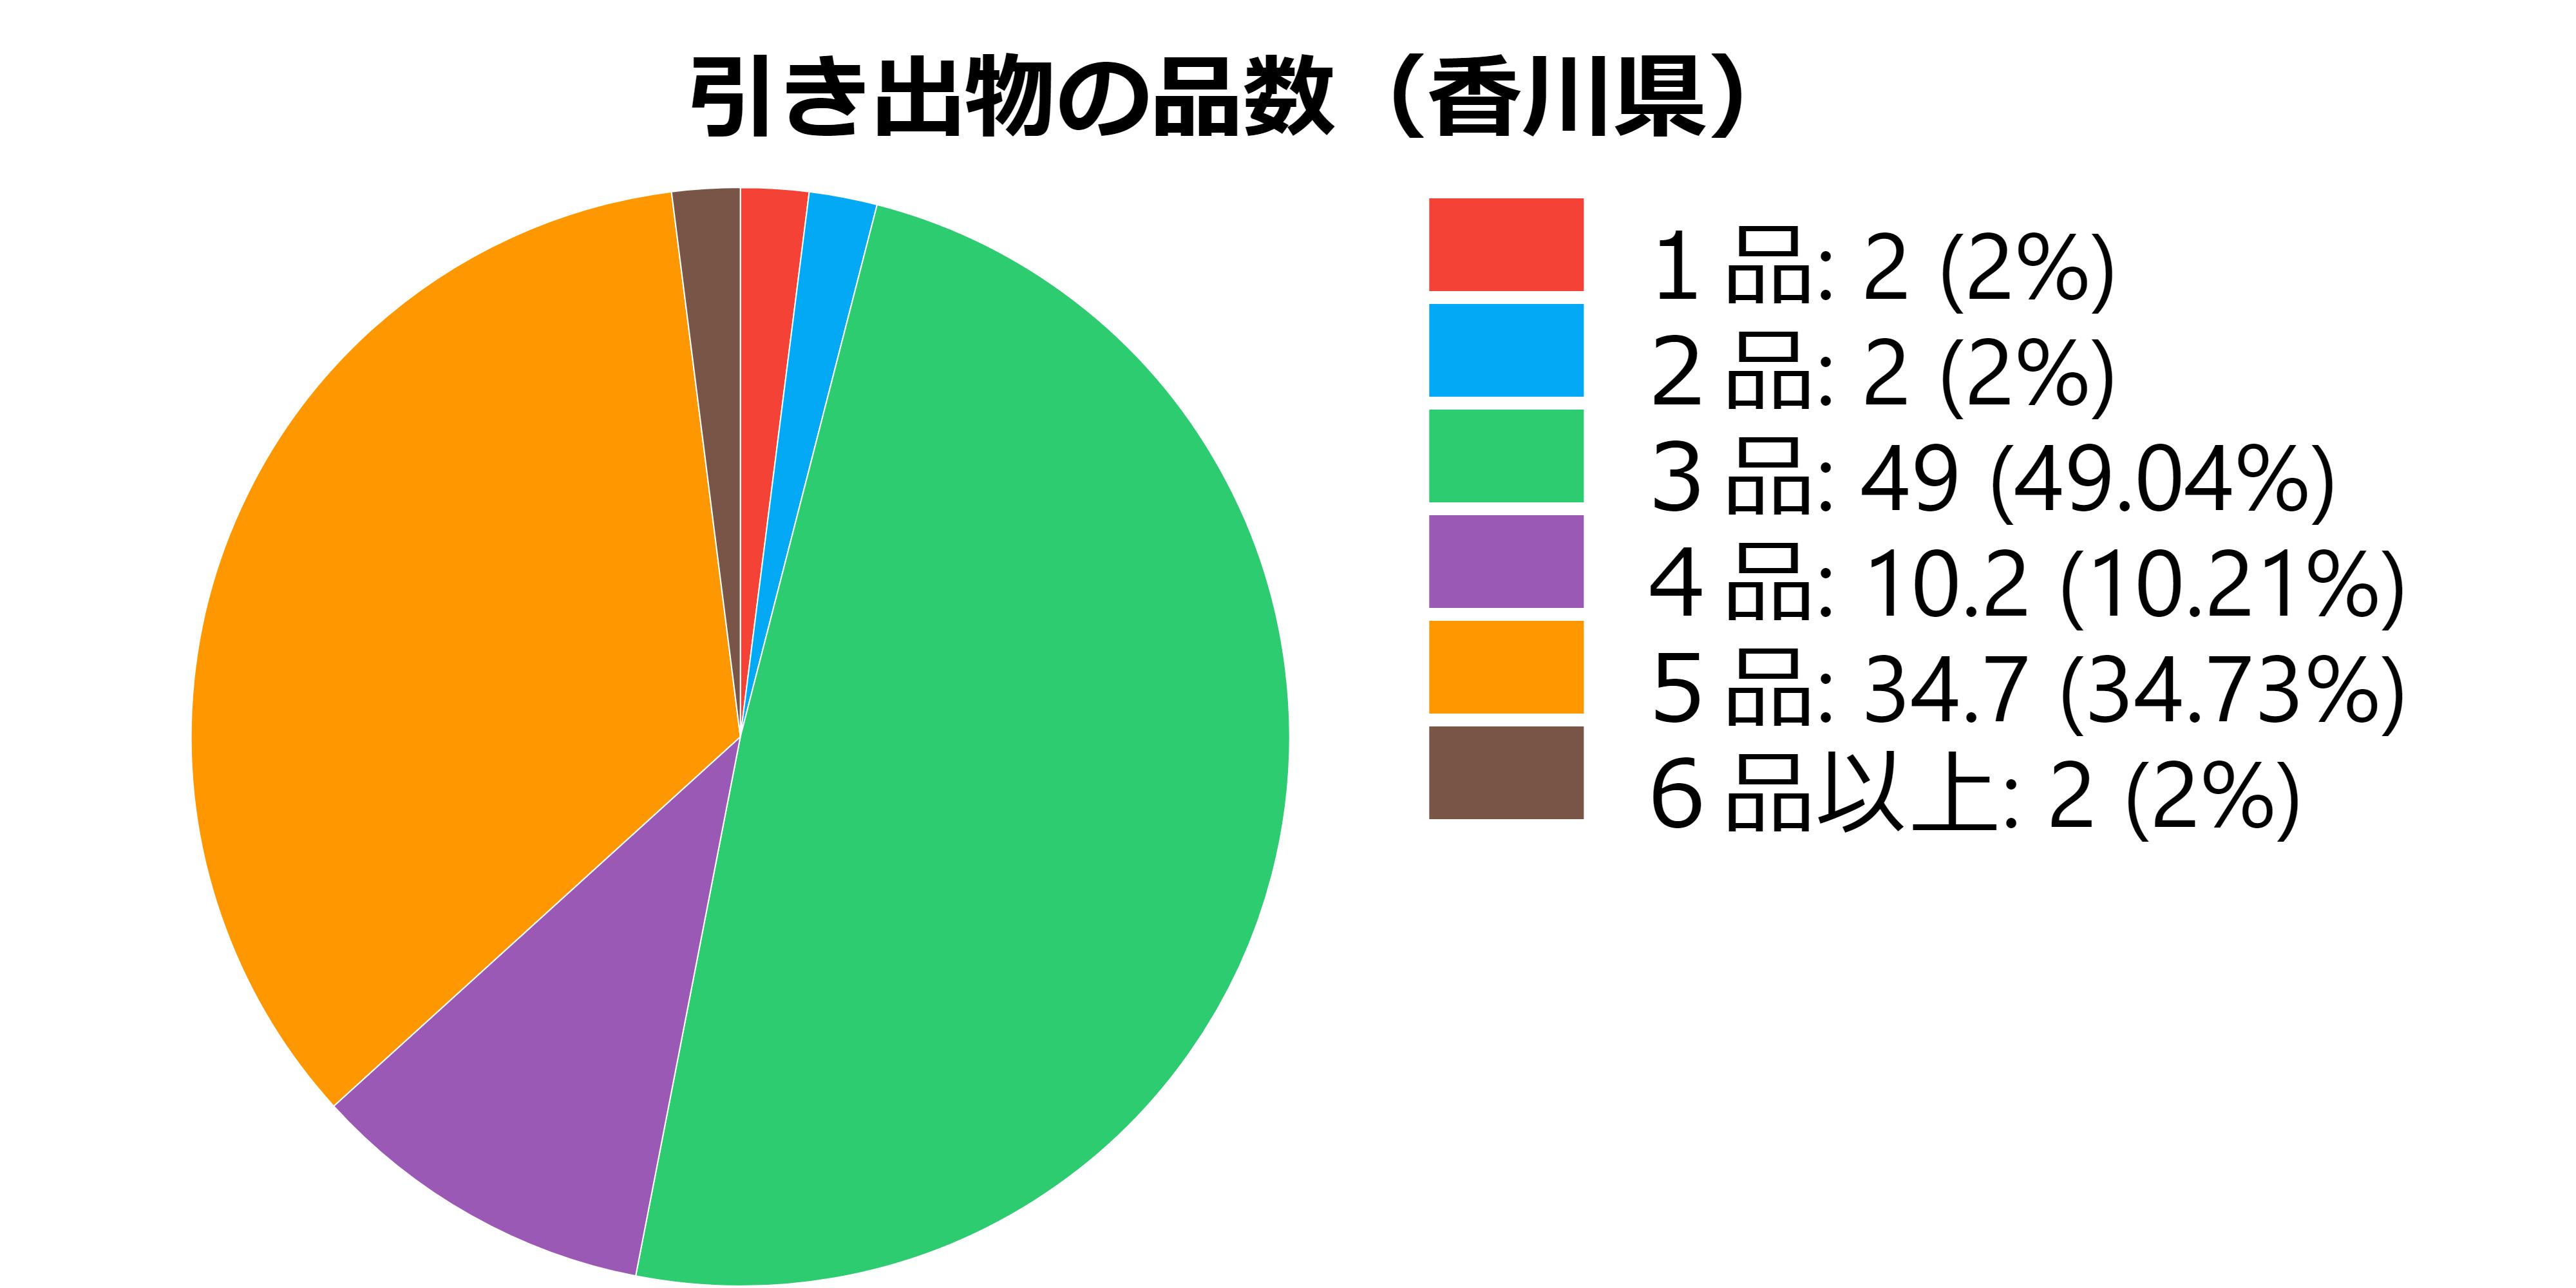 品数(香川県)